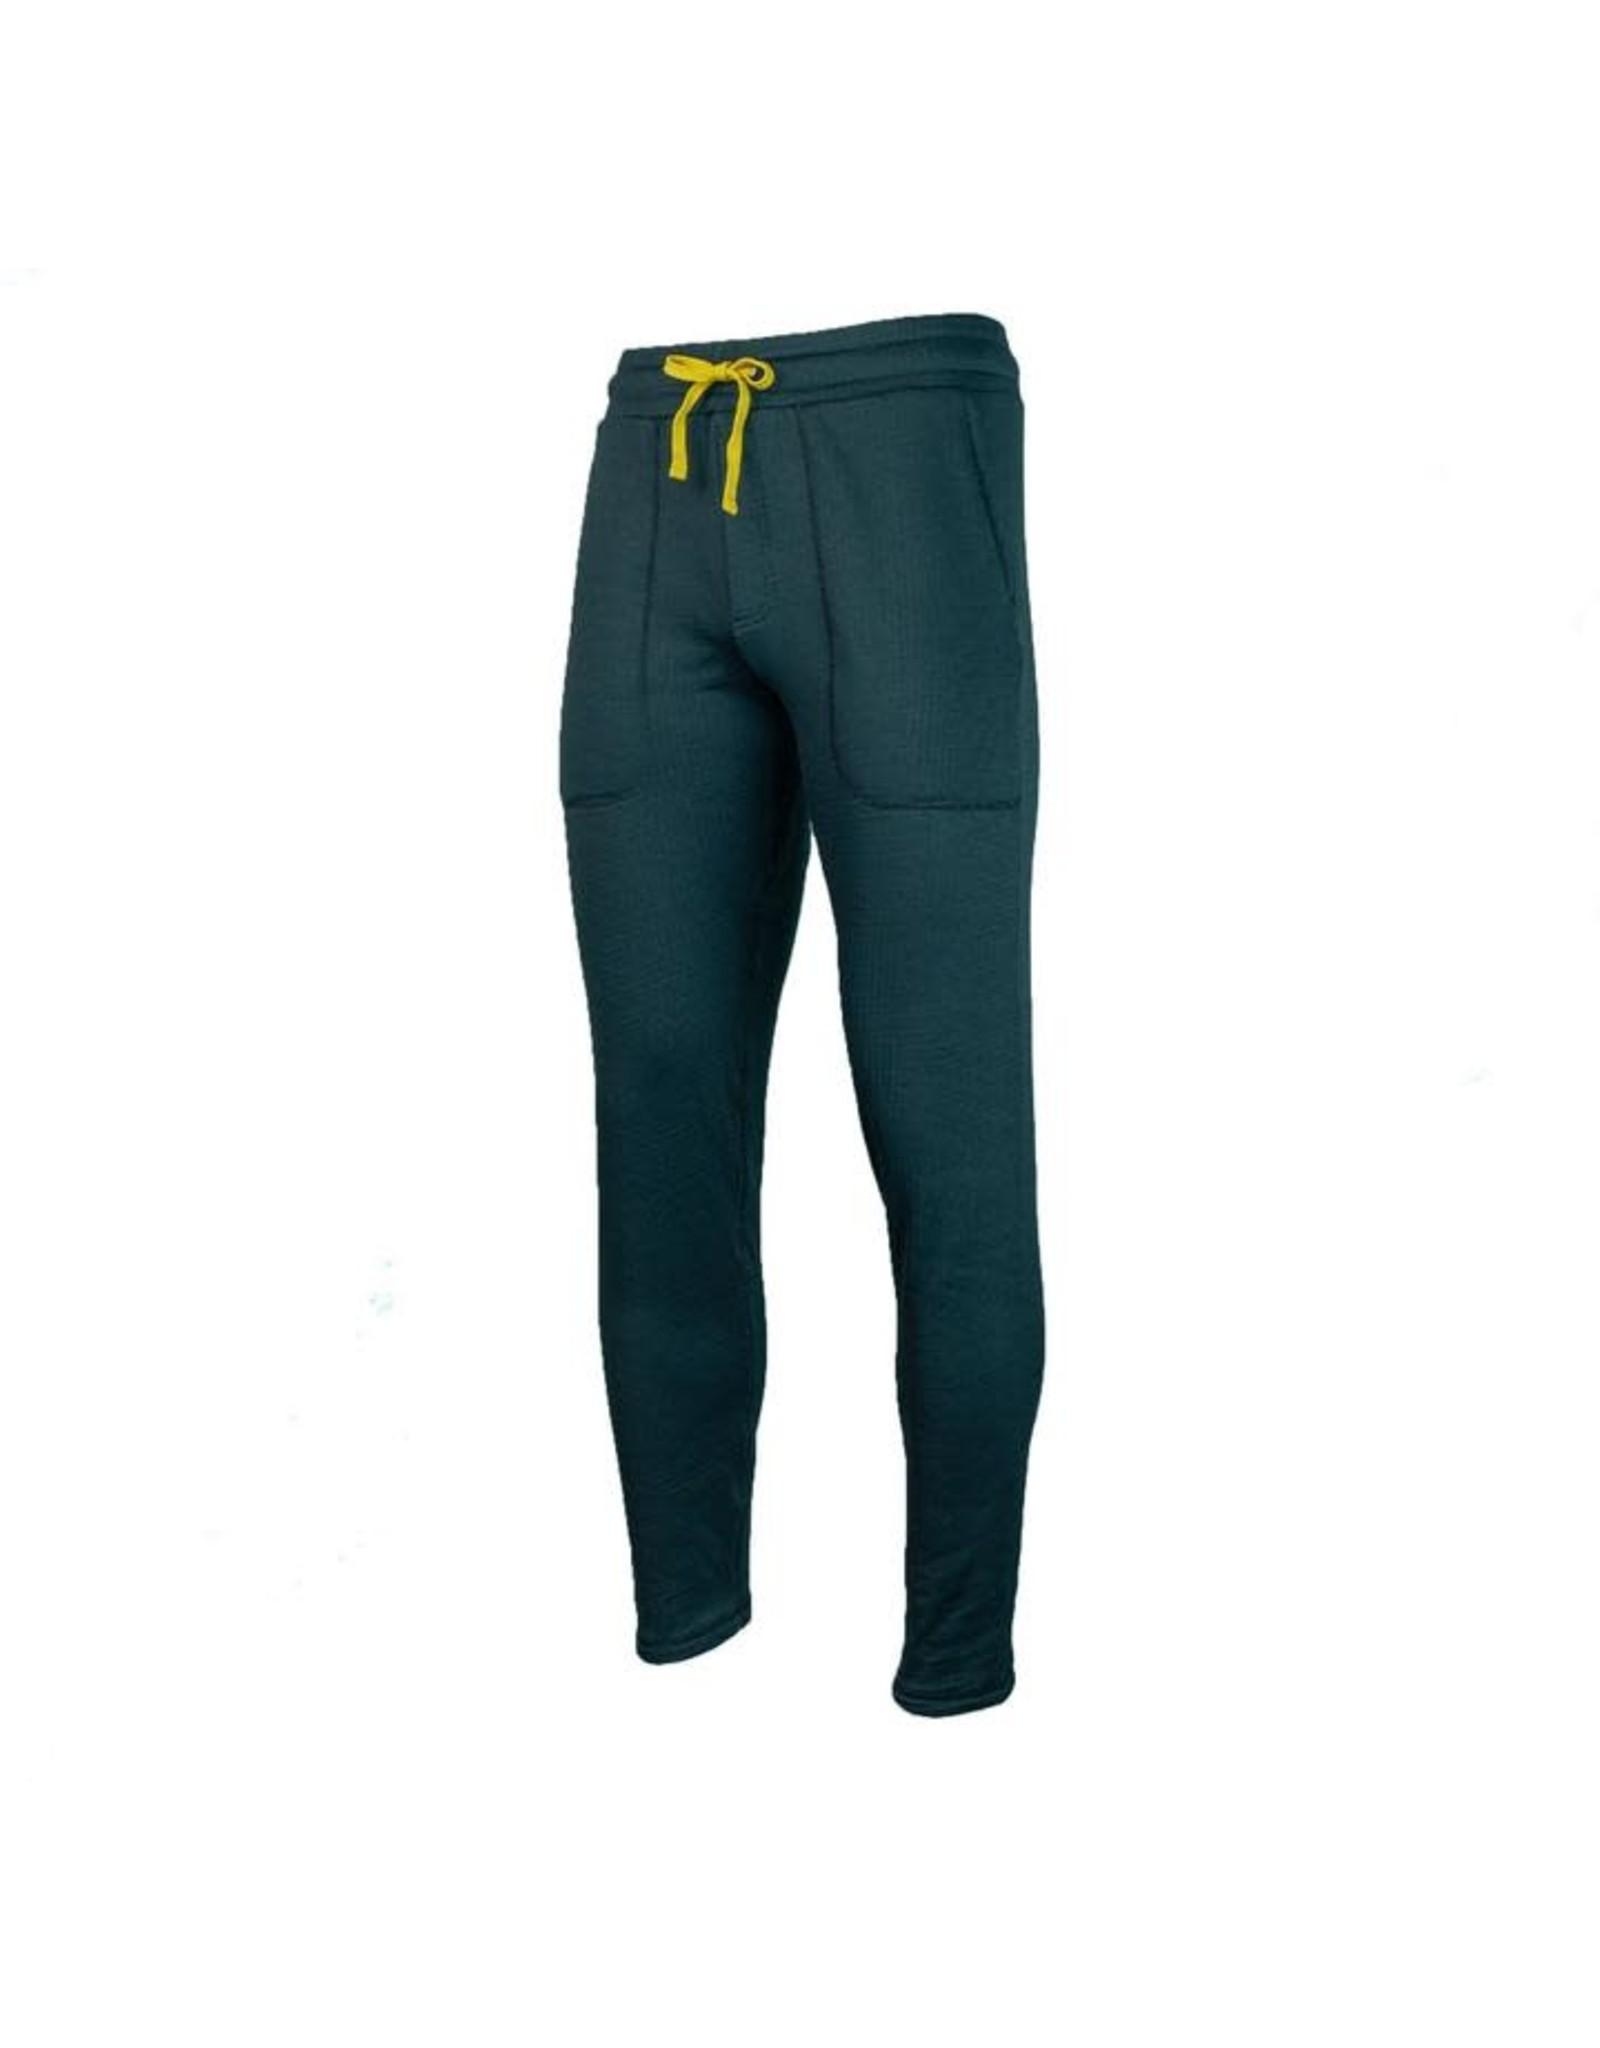 Fayettechill Fayettechill M's Reed Fleece Pants